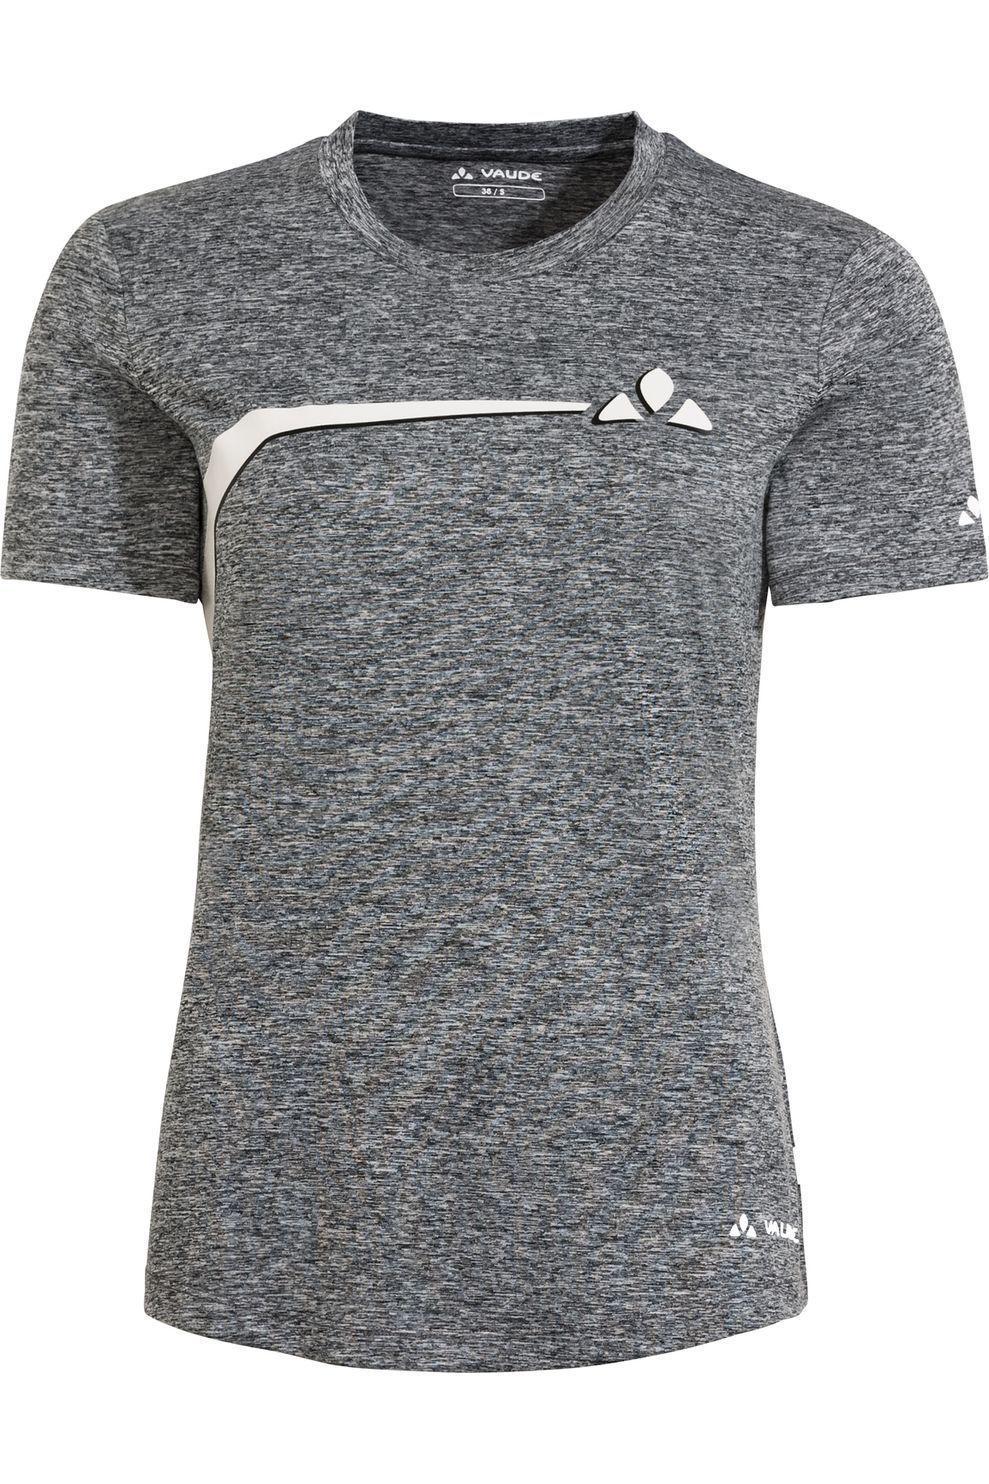 VAUDE T-Shirt Bracket voor dames - Zwart/Mengeling - Maten: 36, 38, 40, 42, 44